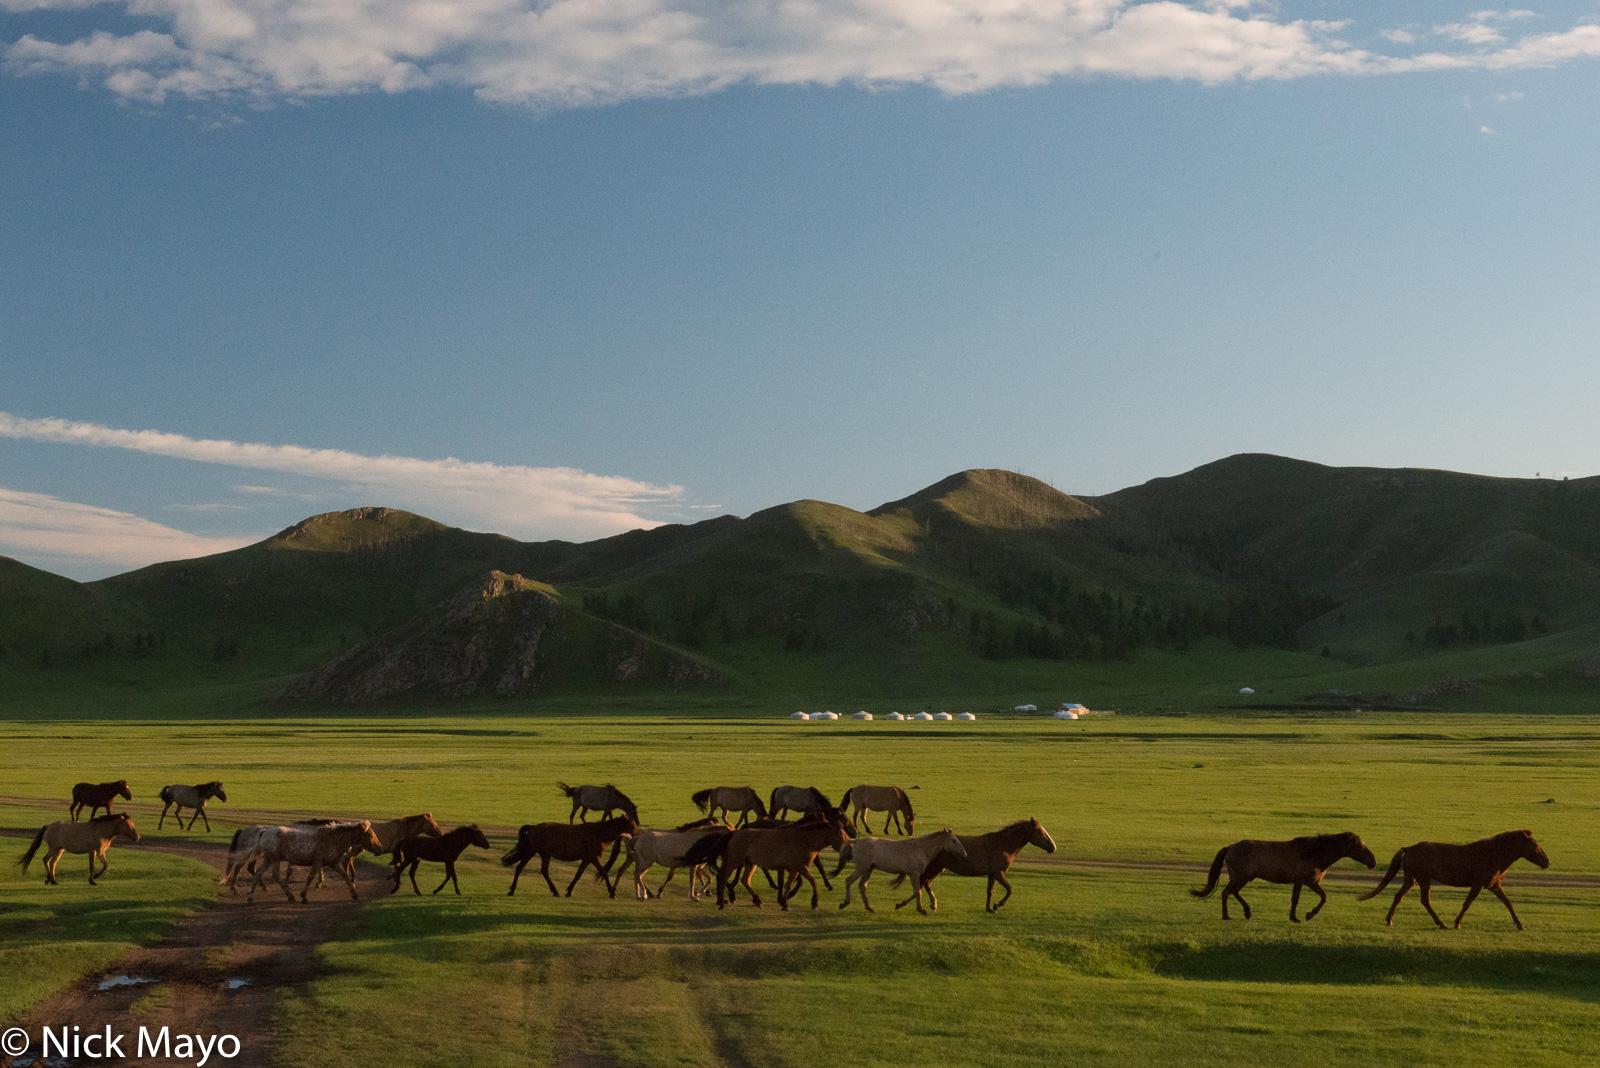 Horse, Mongolia, Selenge, photo